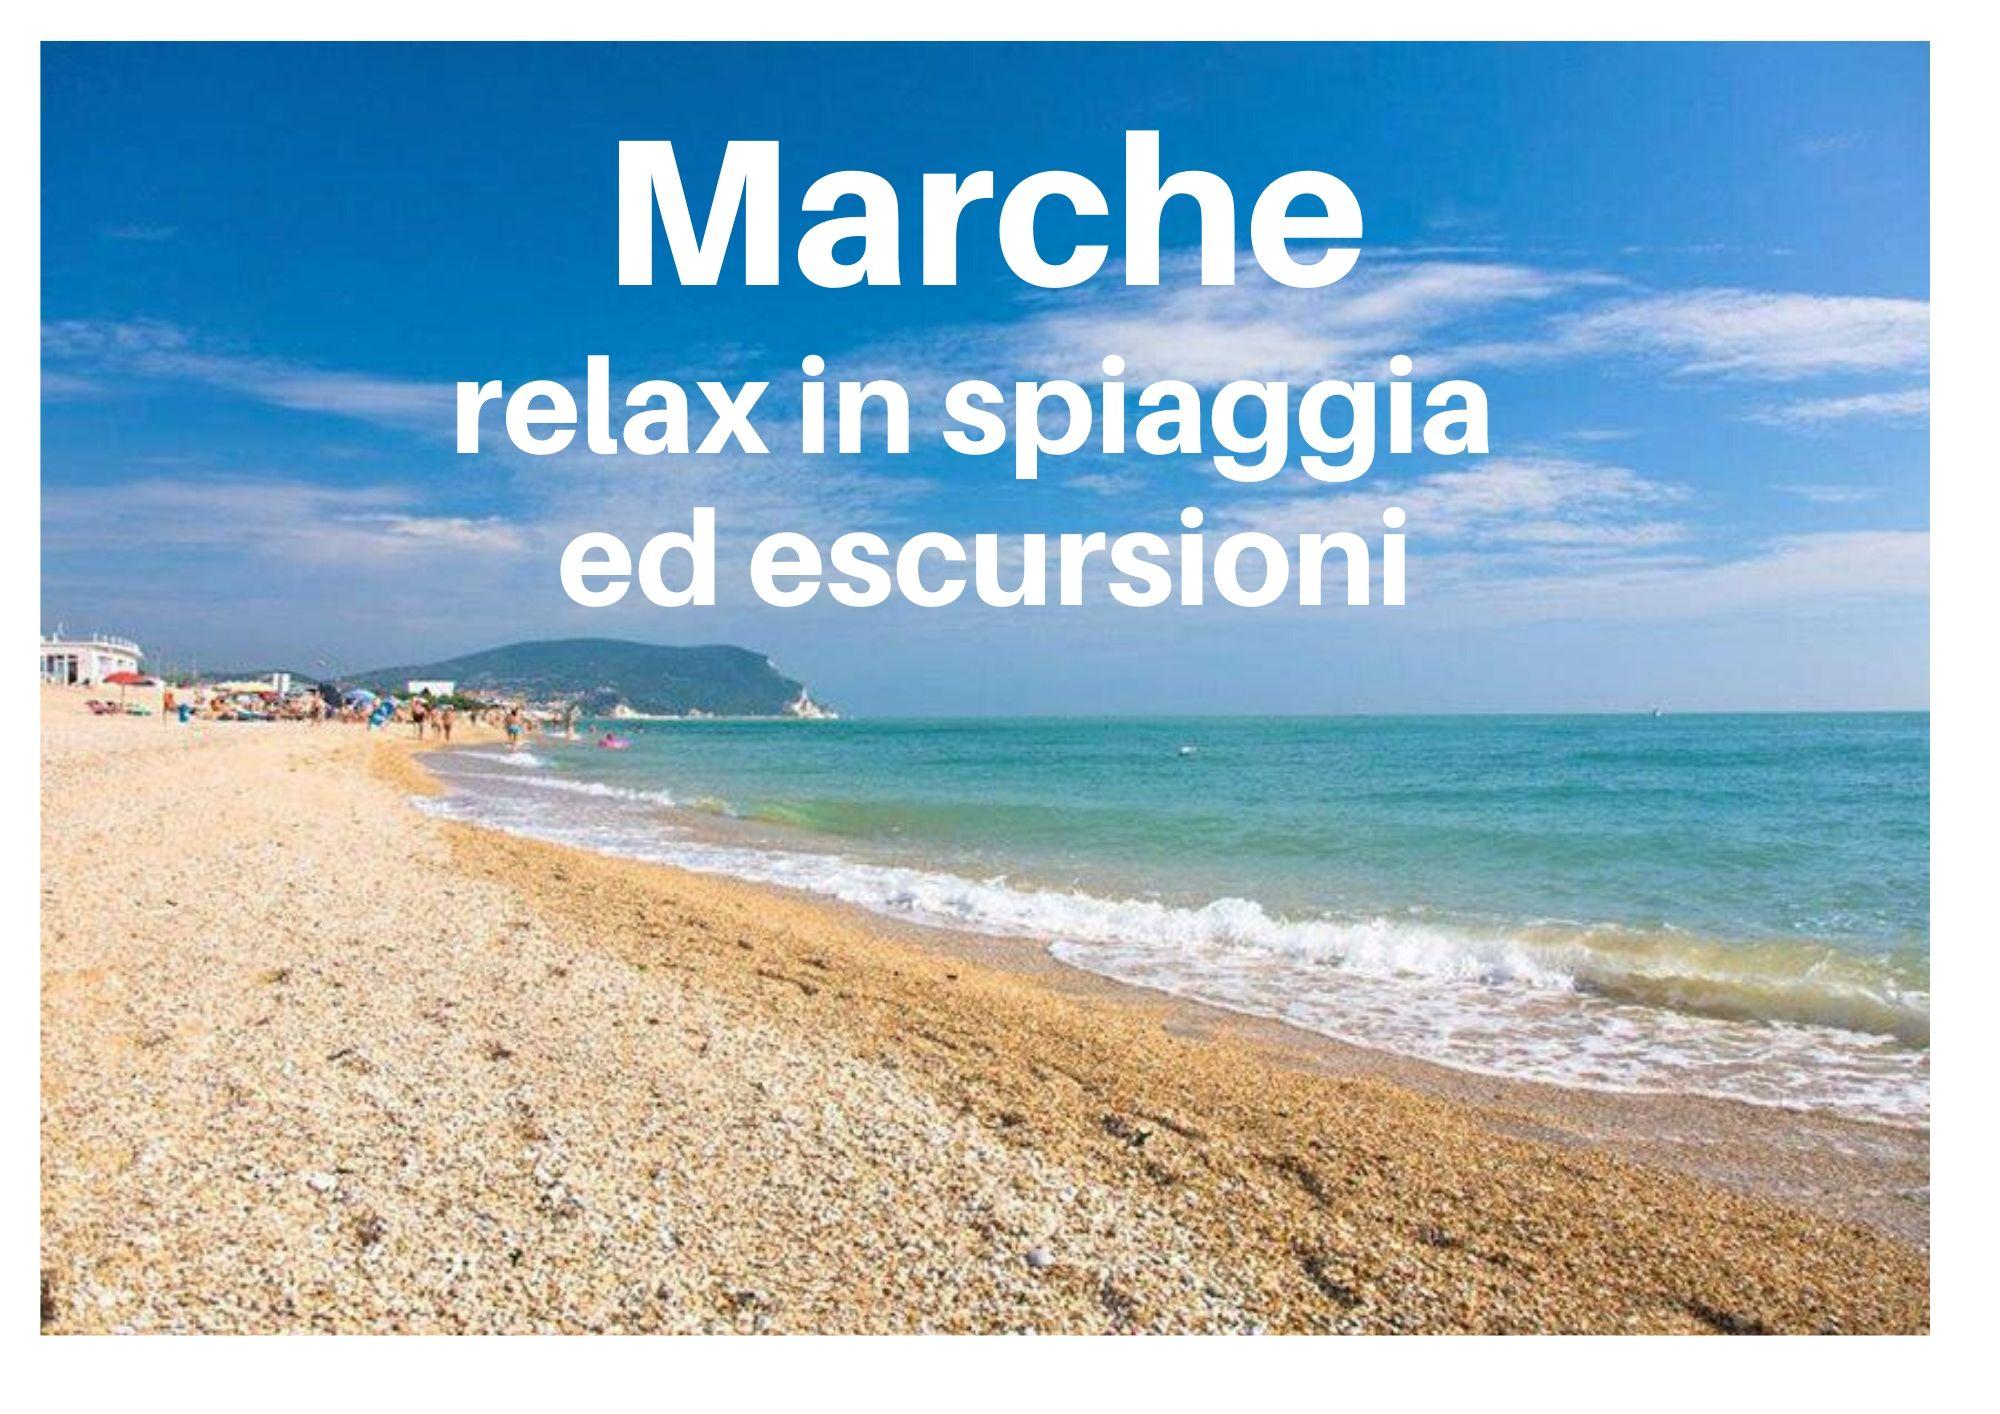 MARCHE RELAX IN SPIAGGIA ED ESCURSIONI – 7 gg.